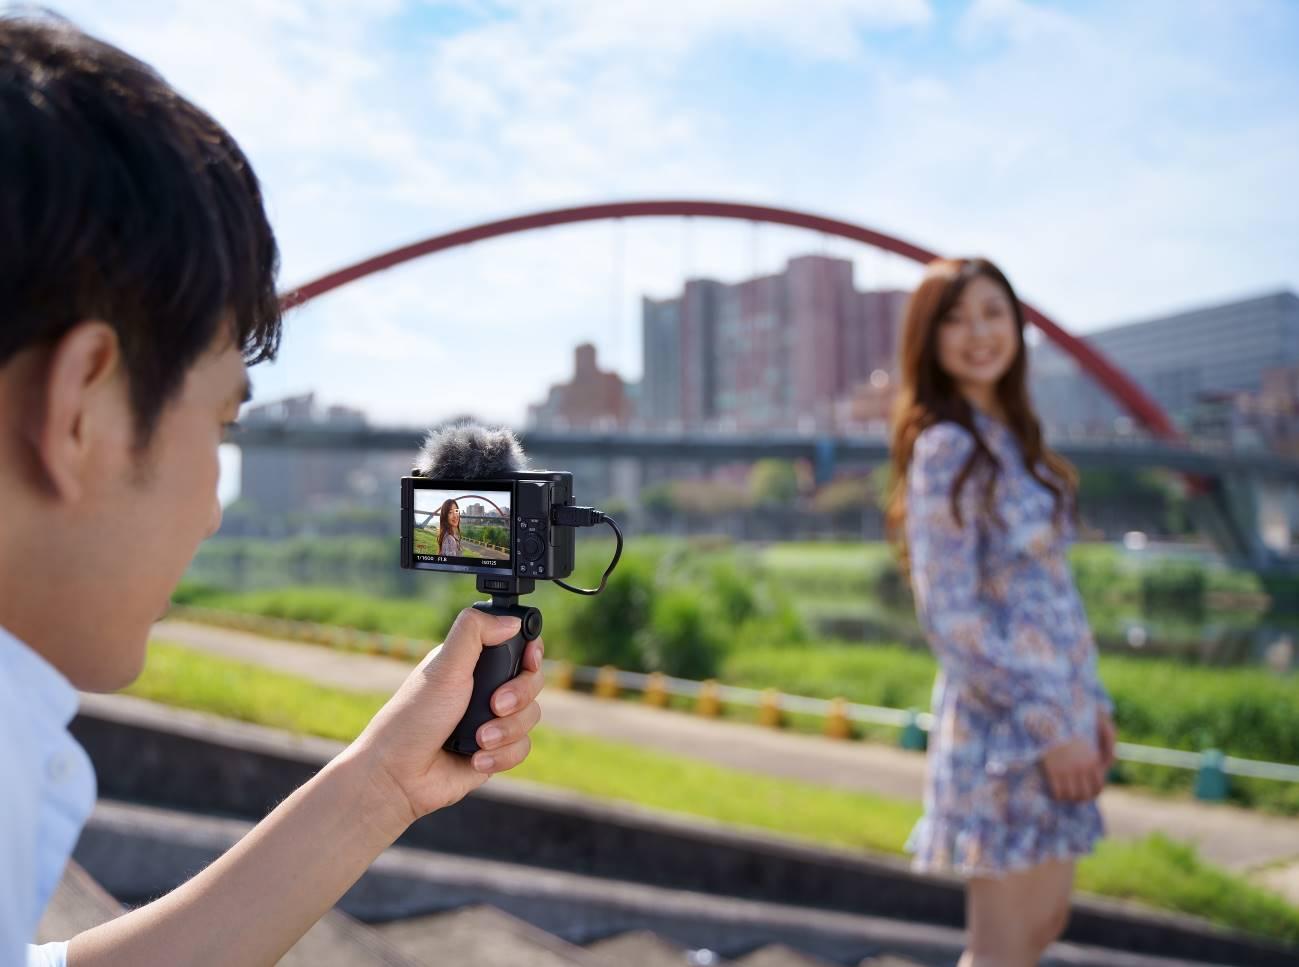 Sony ra mắt máy ảnh nhỏ gọn ZV-1 dành cho dân sáng tạo nội dung với giá 19,990,000 VND